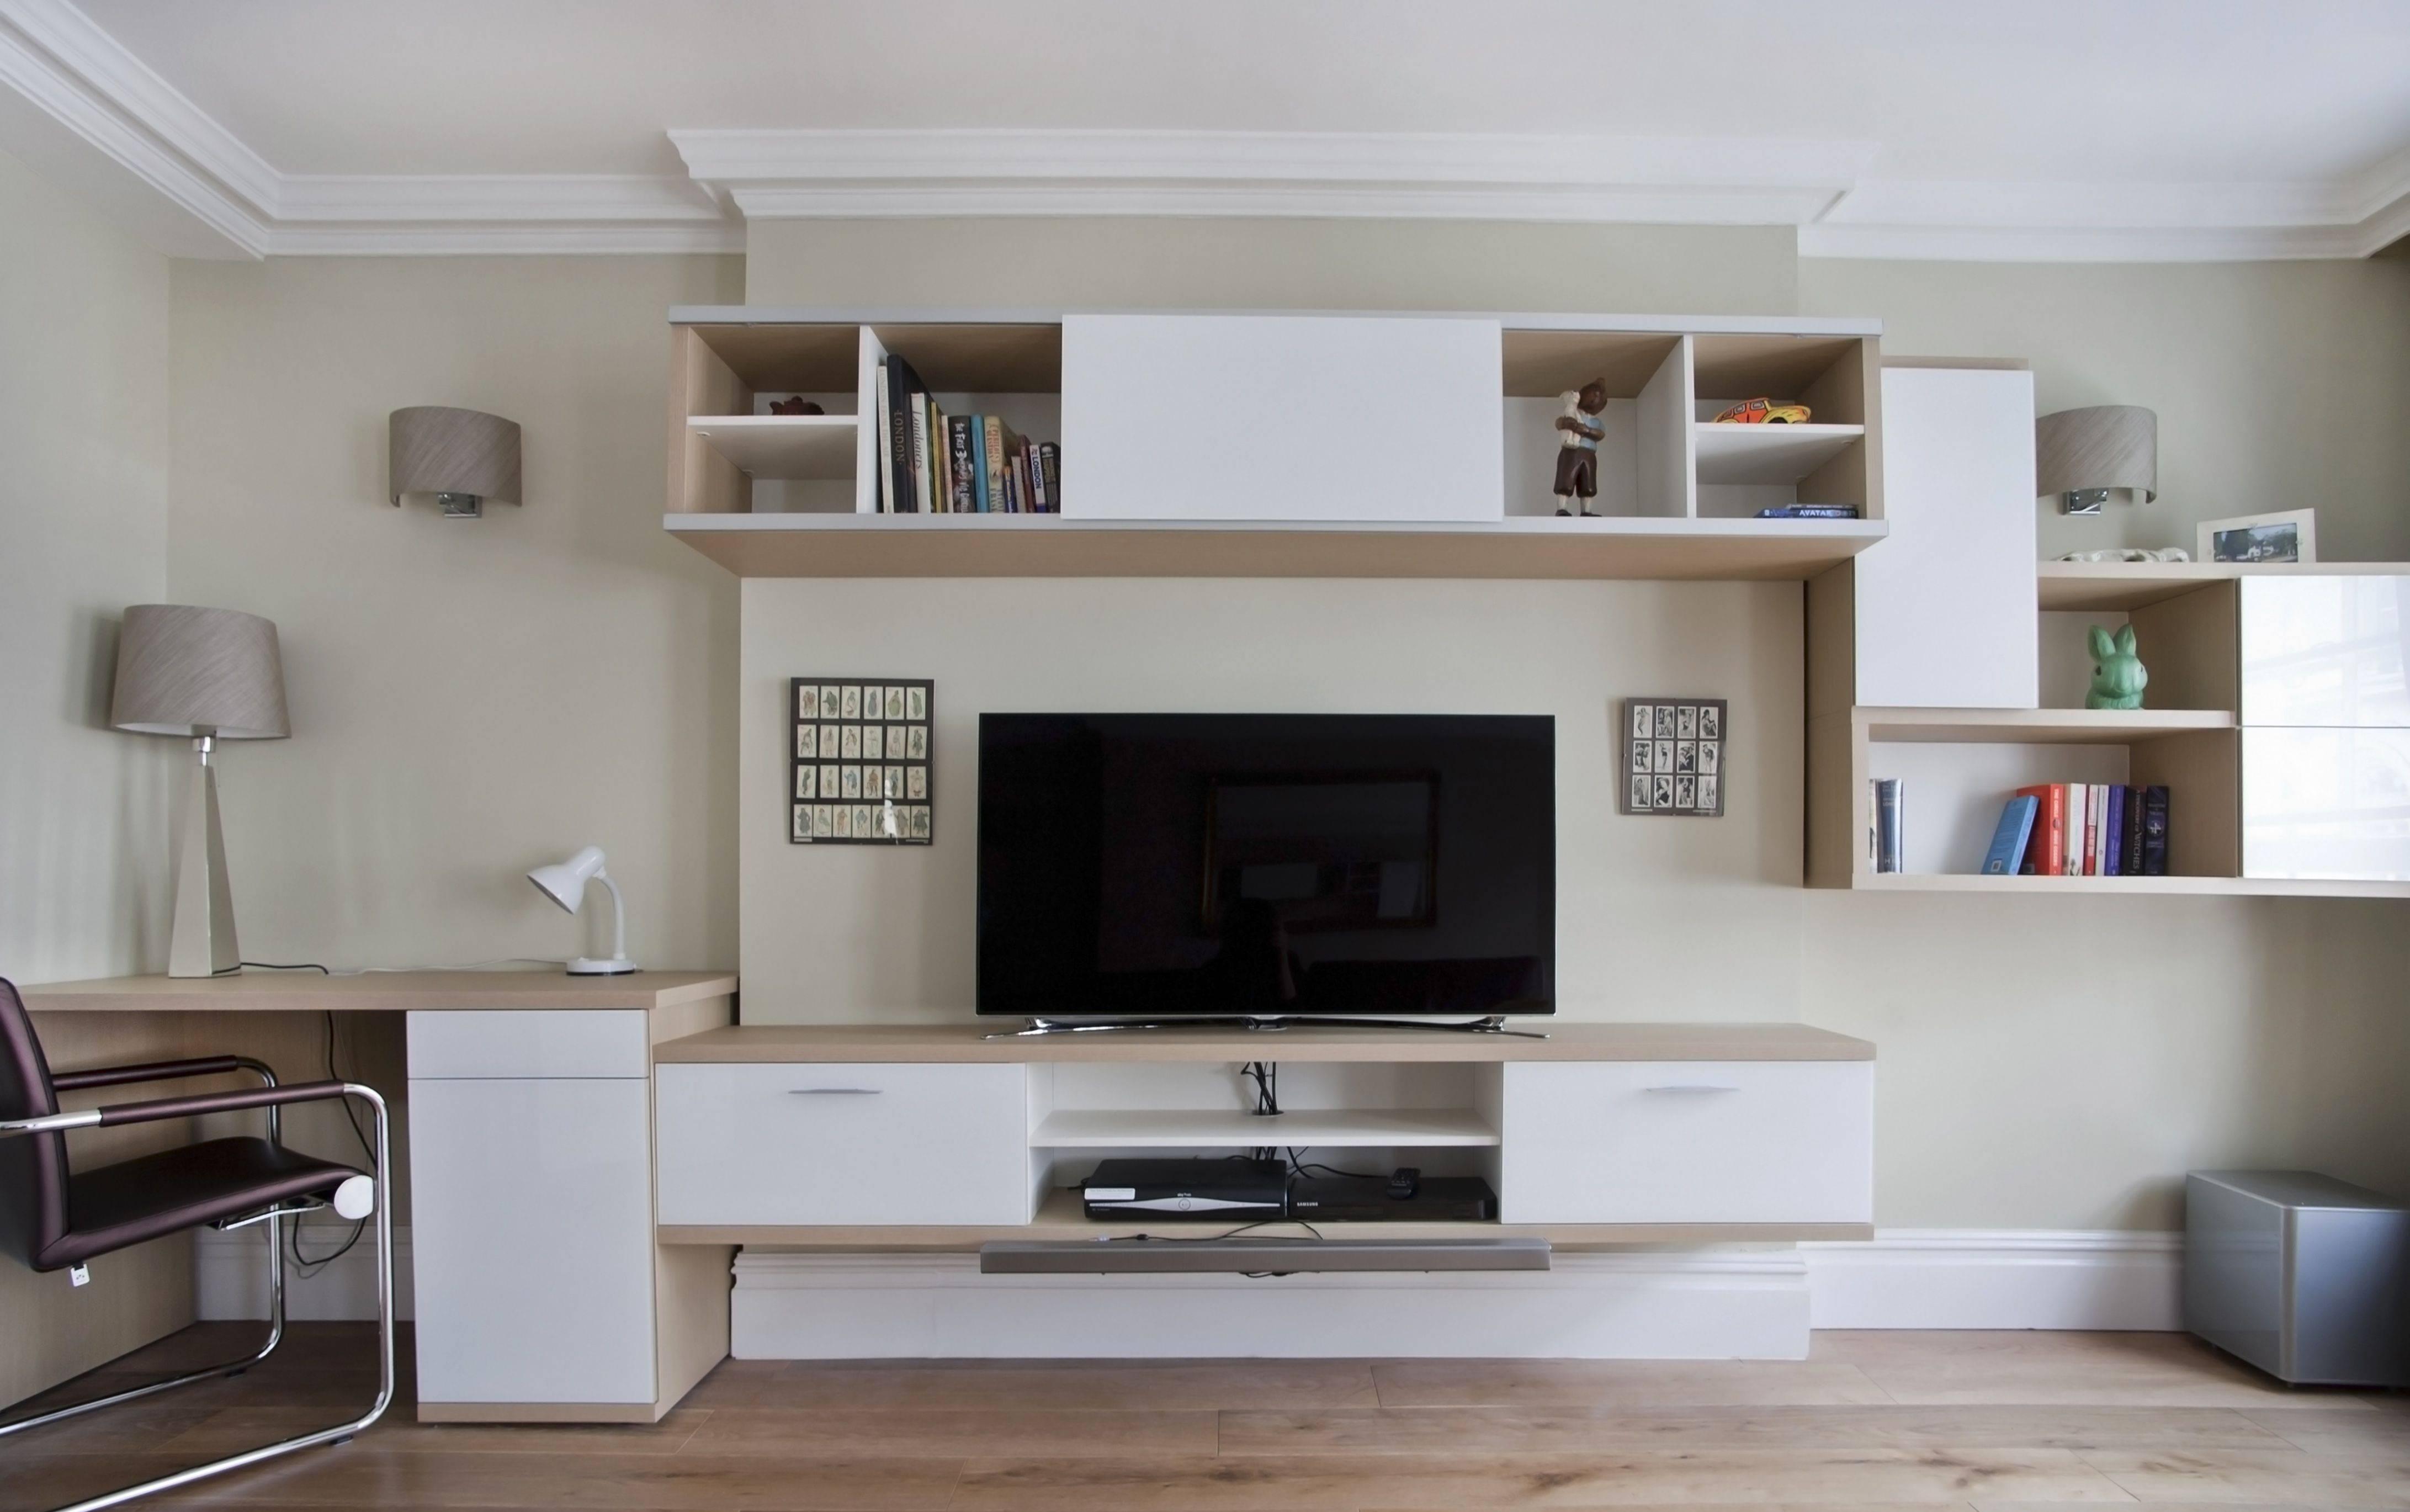 Стенка с компьютерным столом: встроенные и угловые модели со шкафом и местом для компьютера в комнату